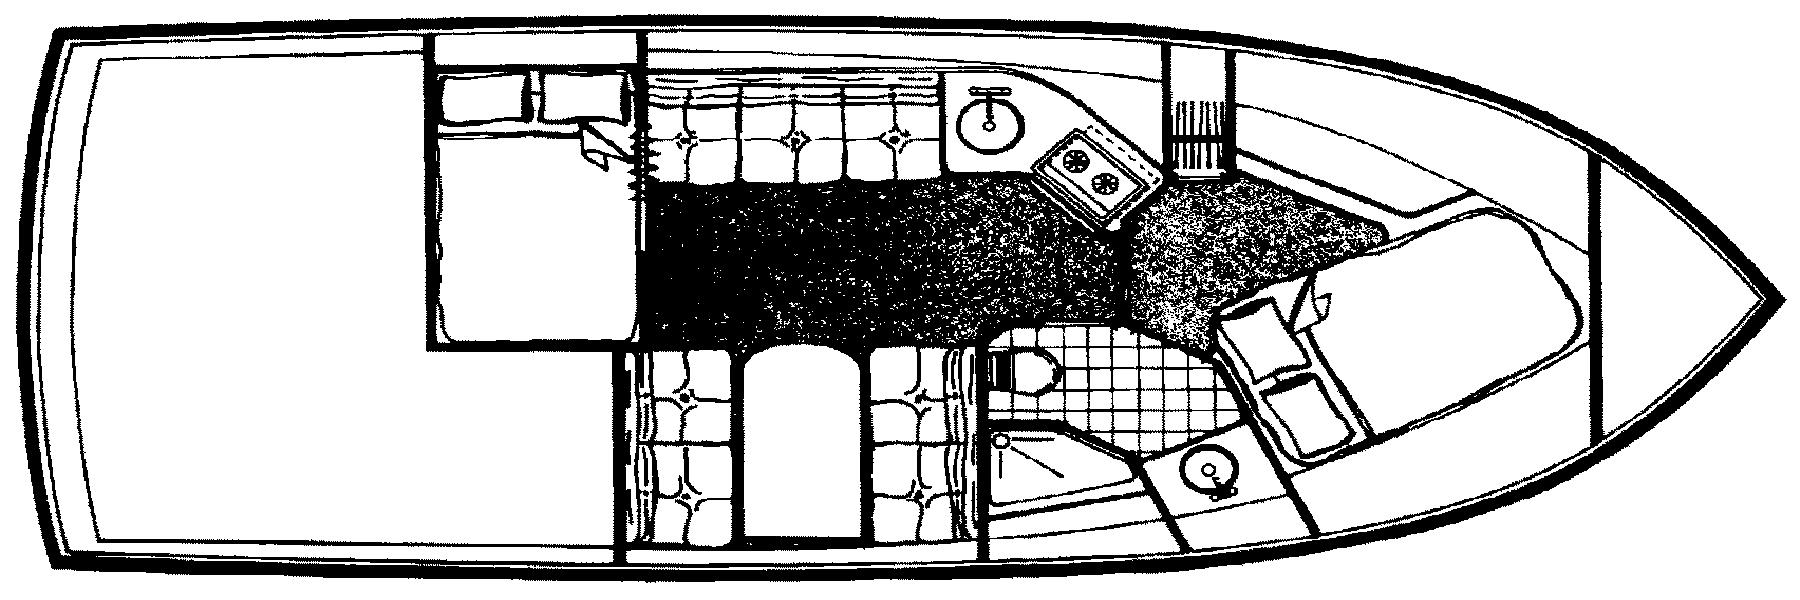 3257 Montego Floor Plan 1